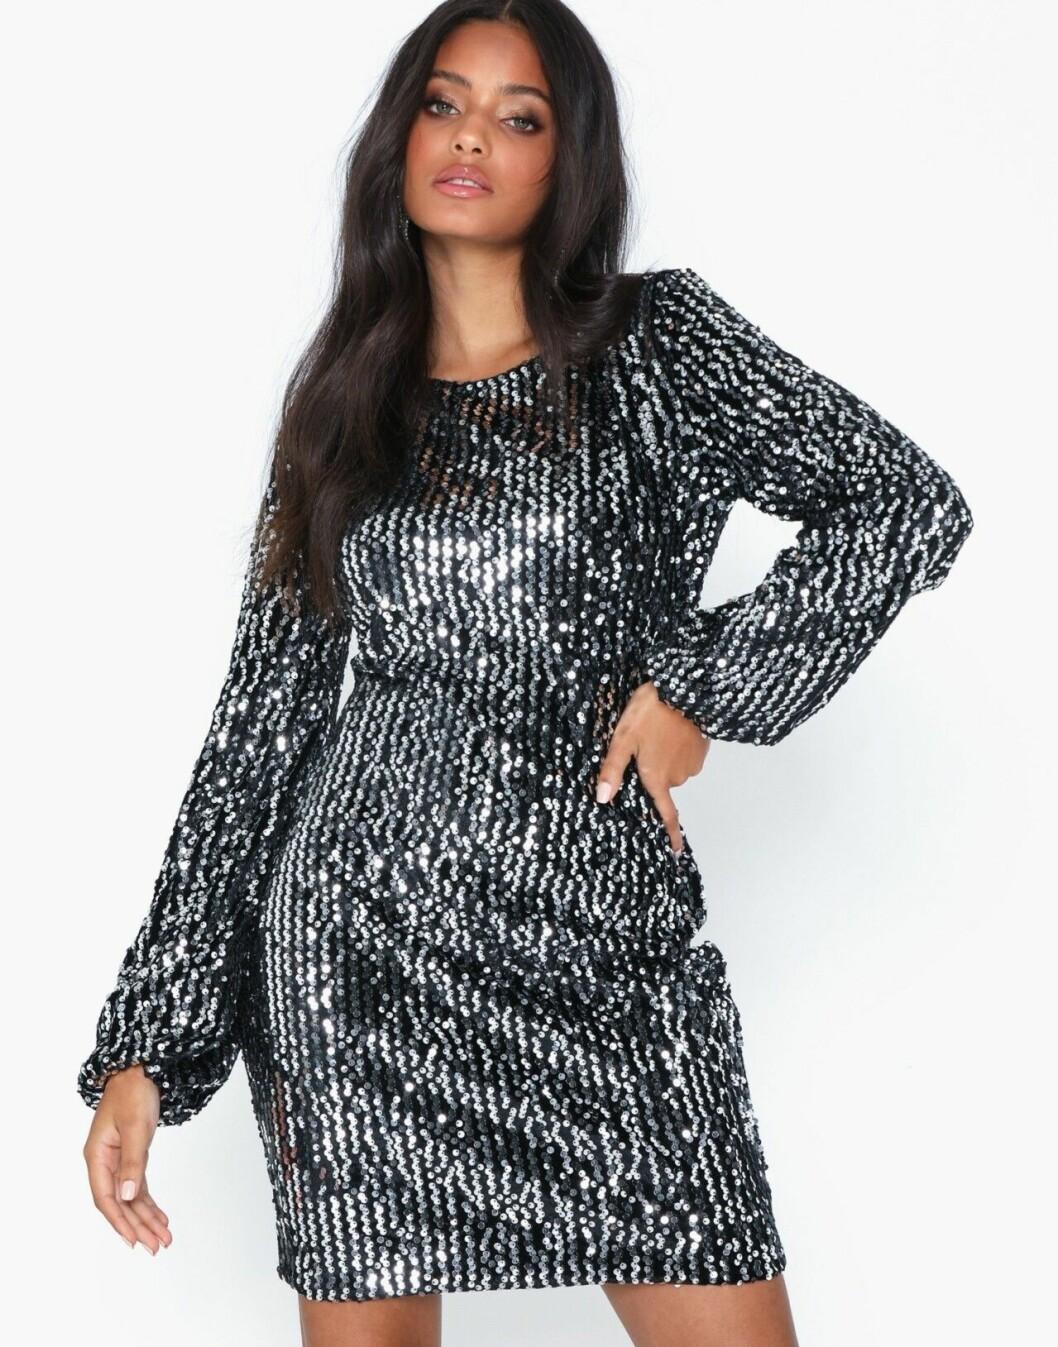 Silverfärgad paljettklänning med lång ärm